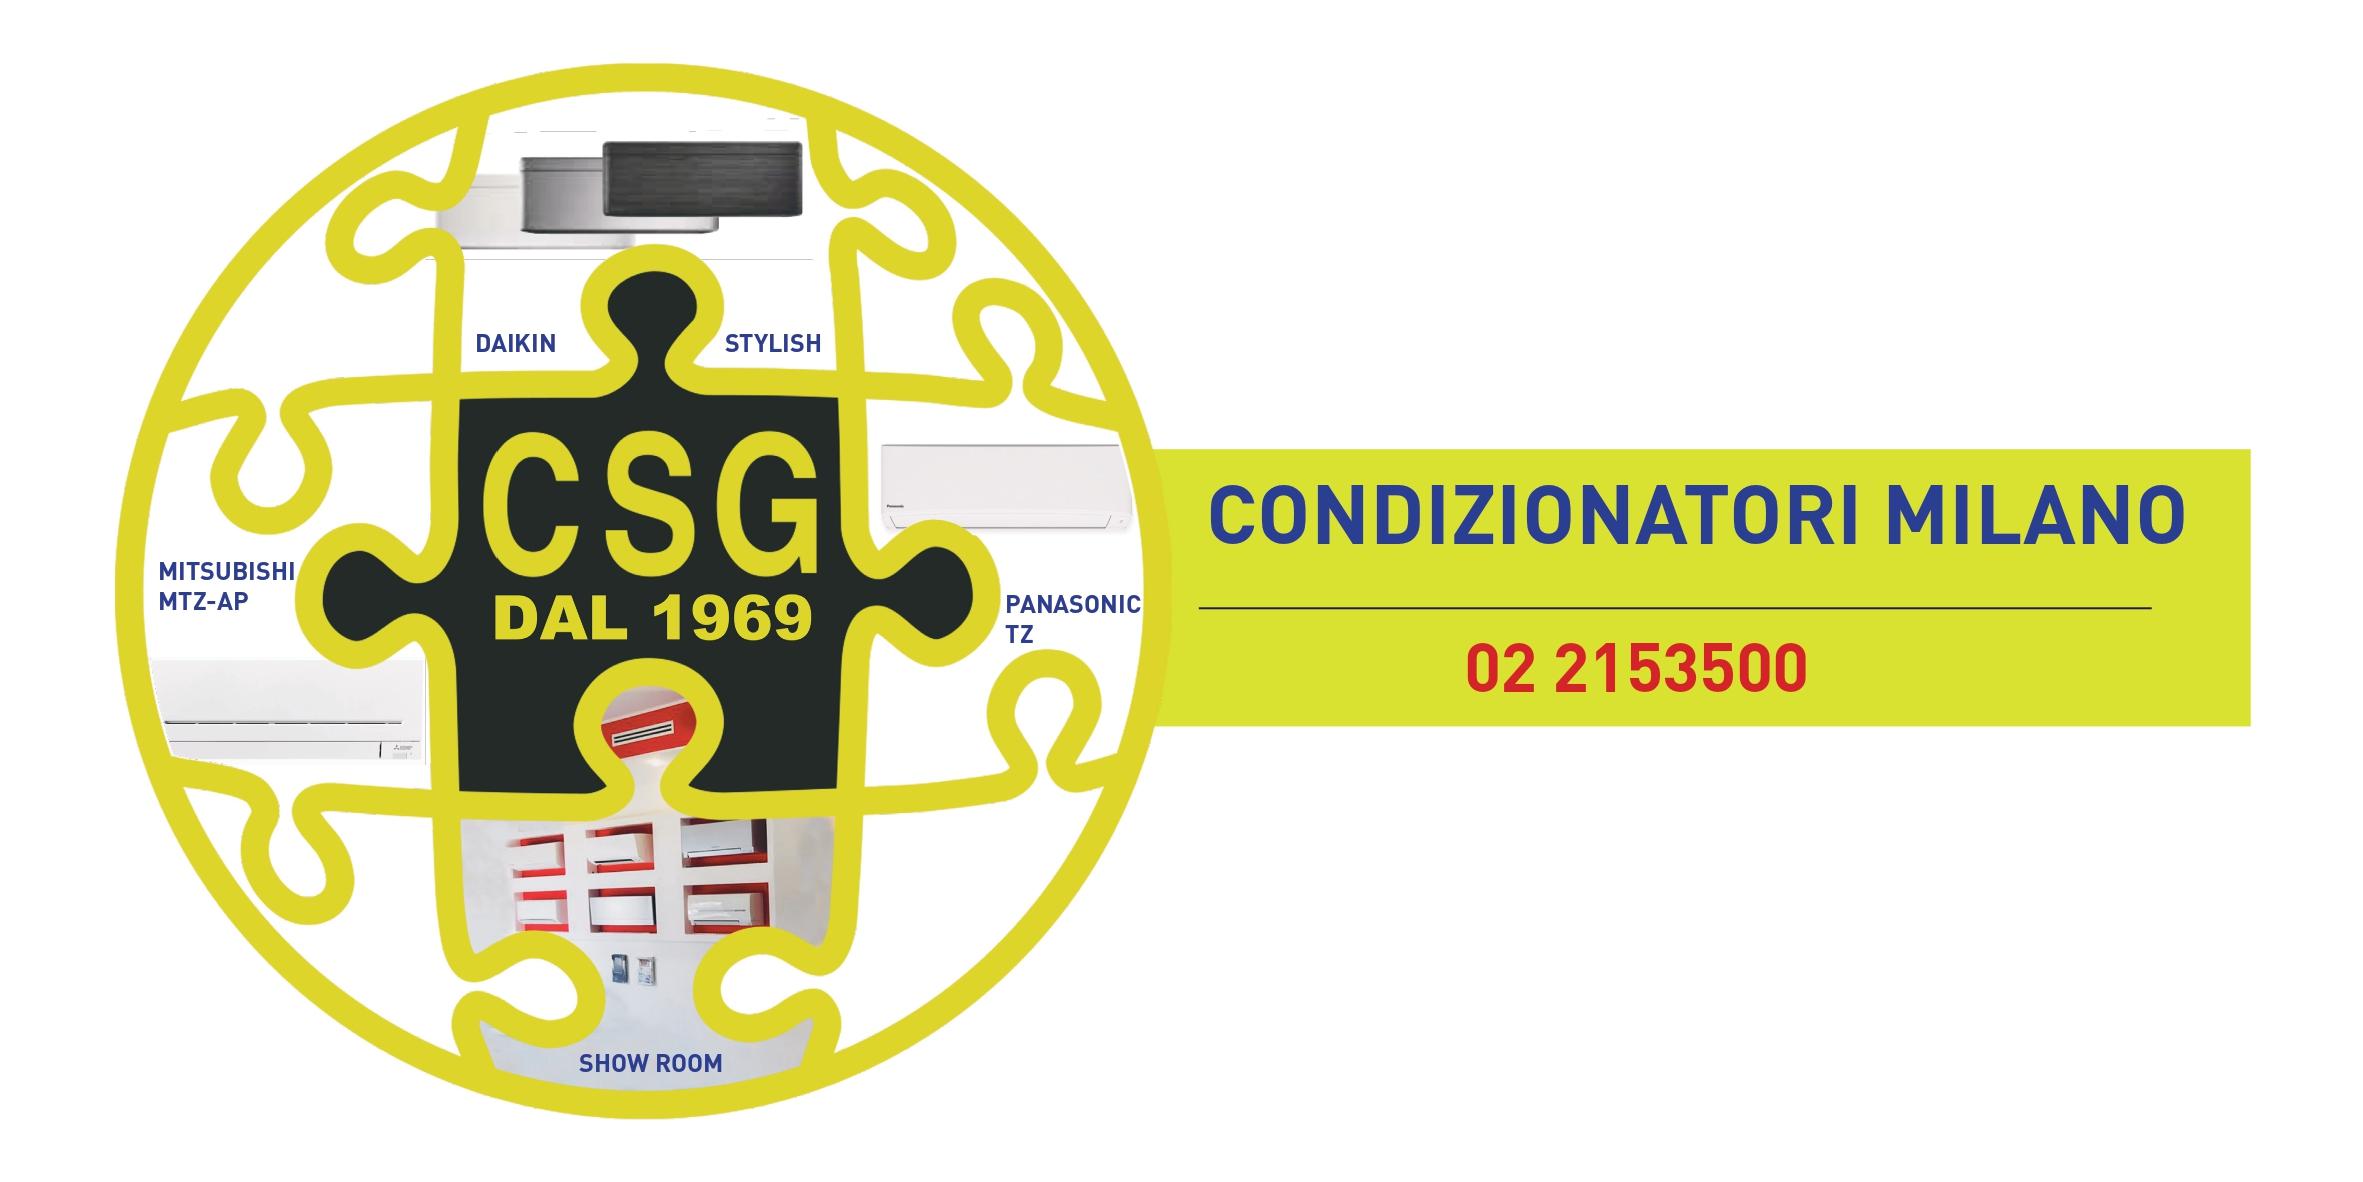 Csg Impianti Milano